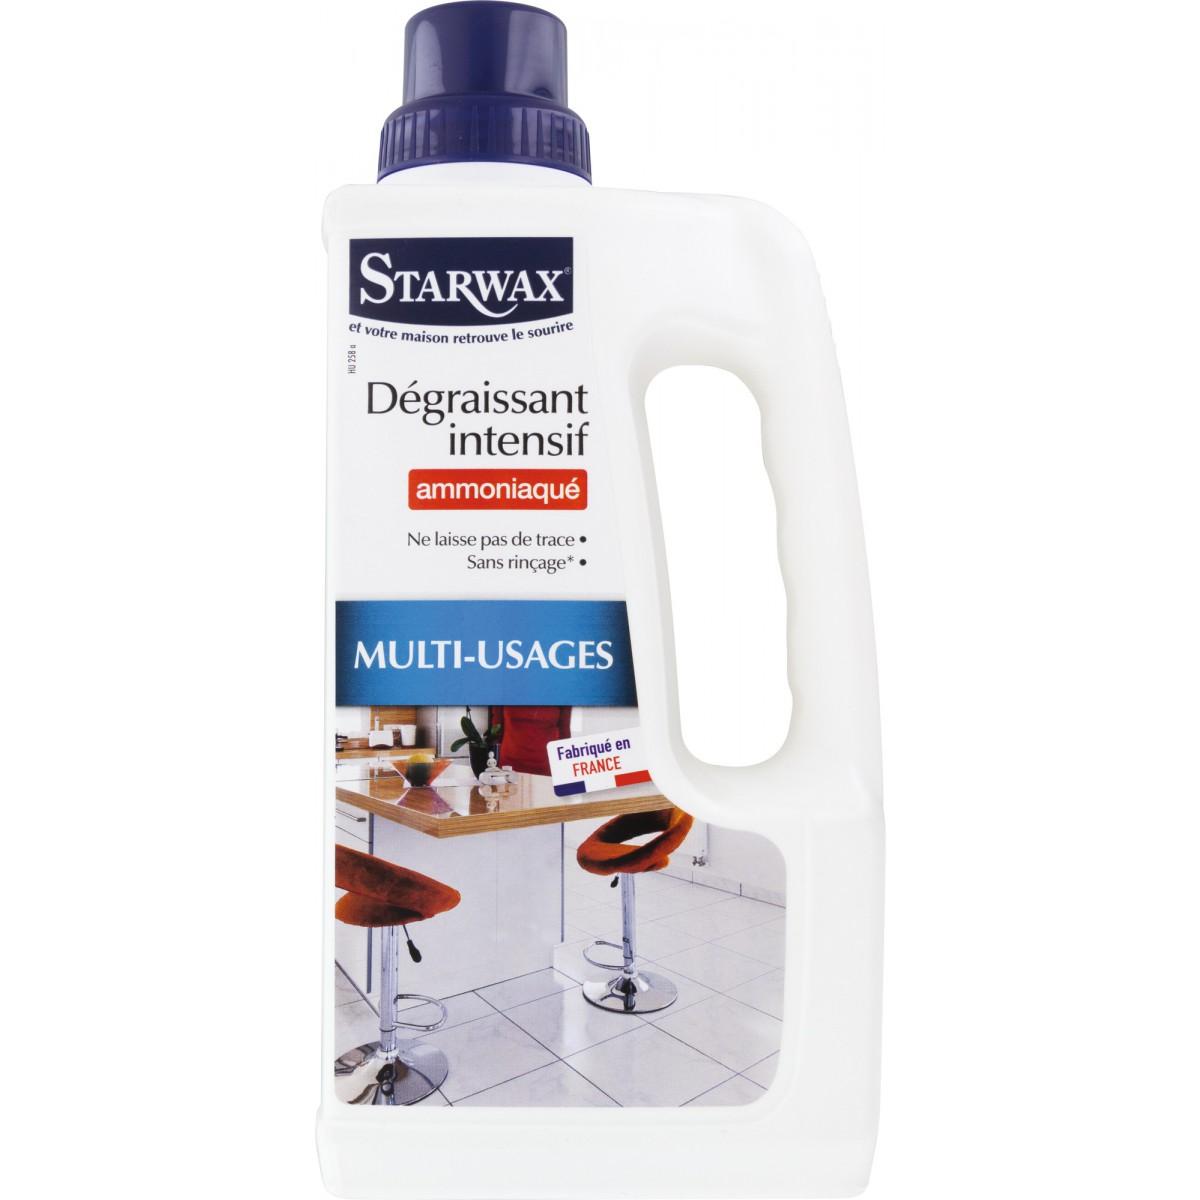 nettoyant ammoniaqu multi usages starwax nettoyages difficiles flacon 1 l de nettoyant. Black Bedroom Furniture Sets. Home Design Ideas